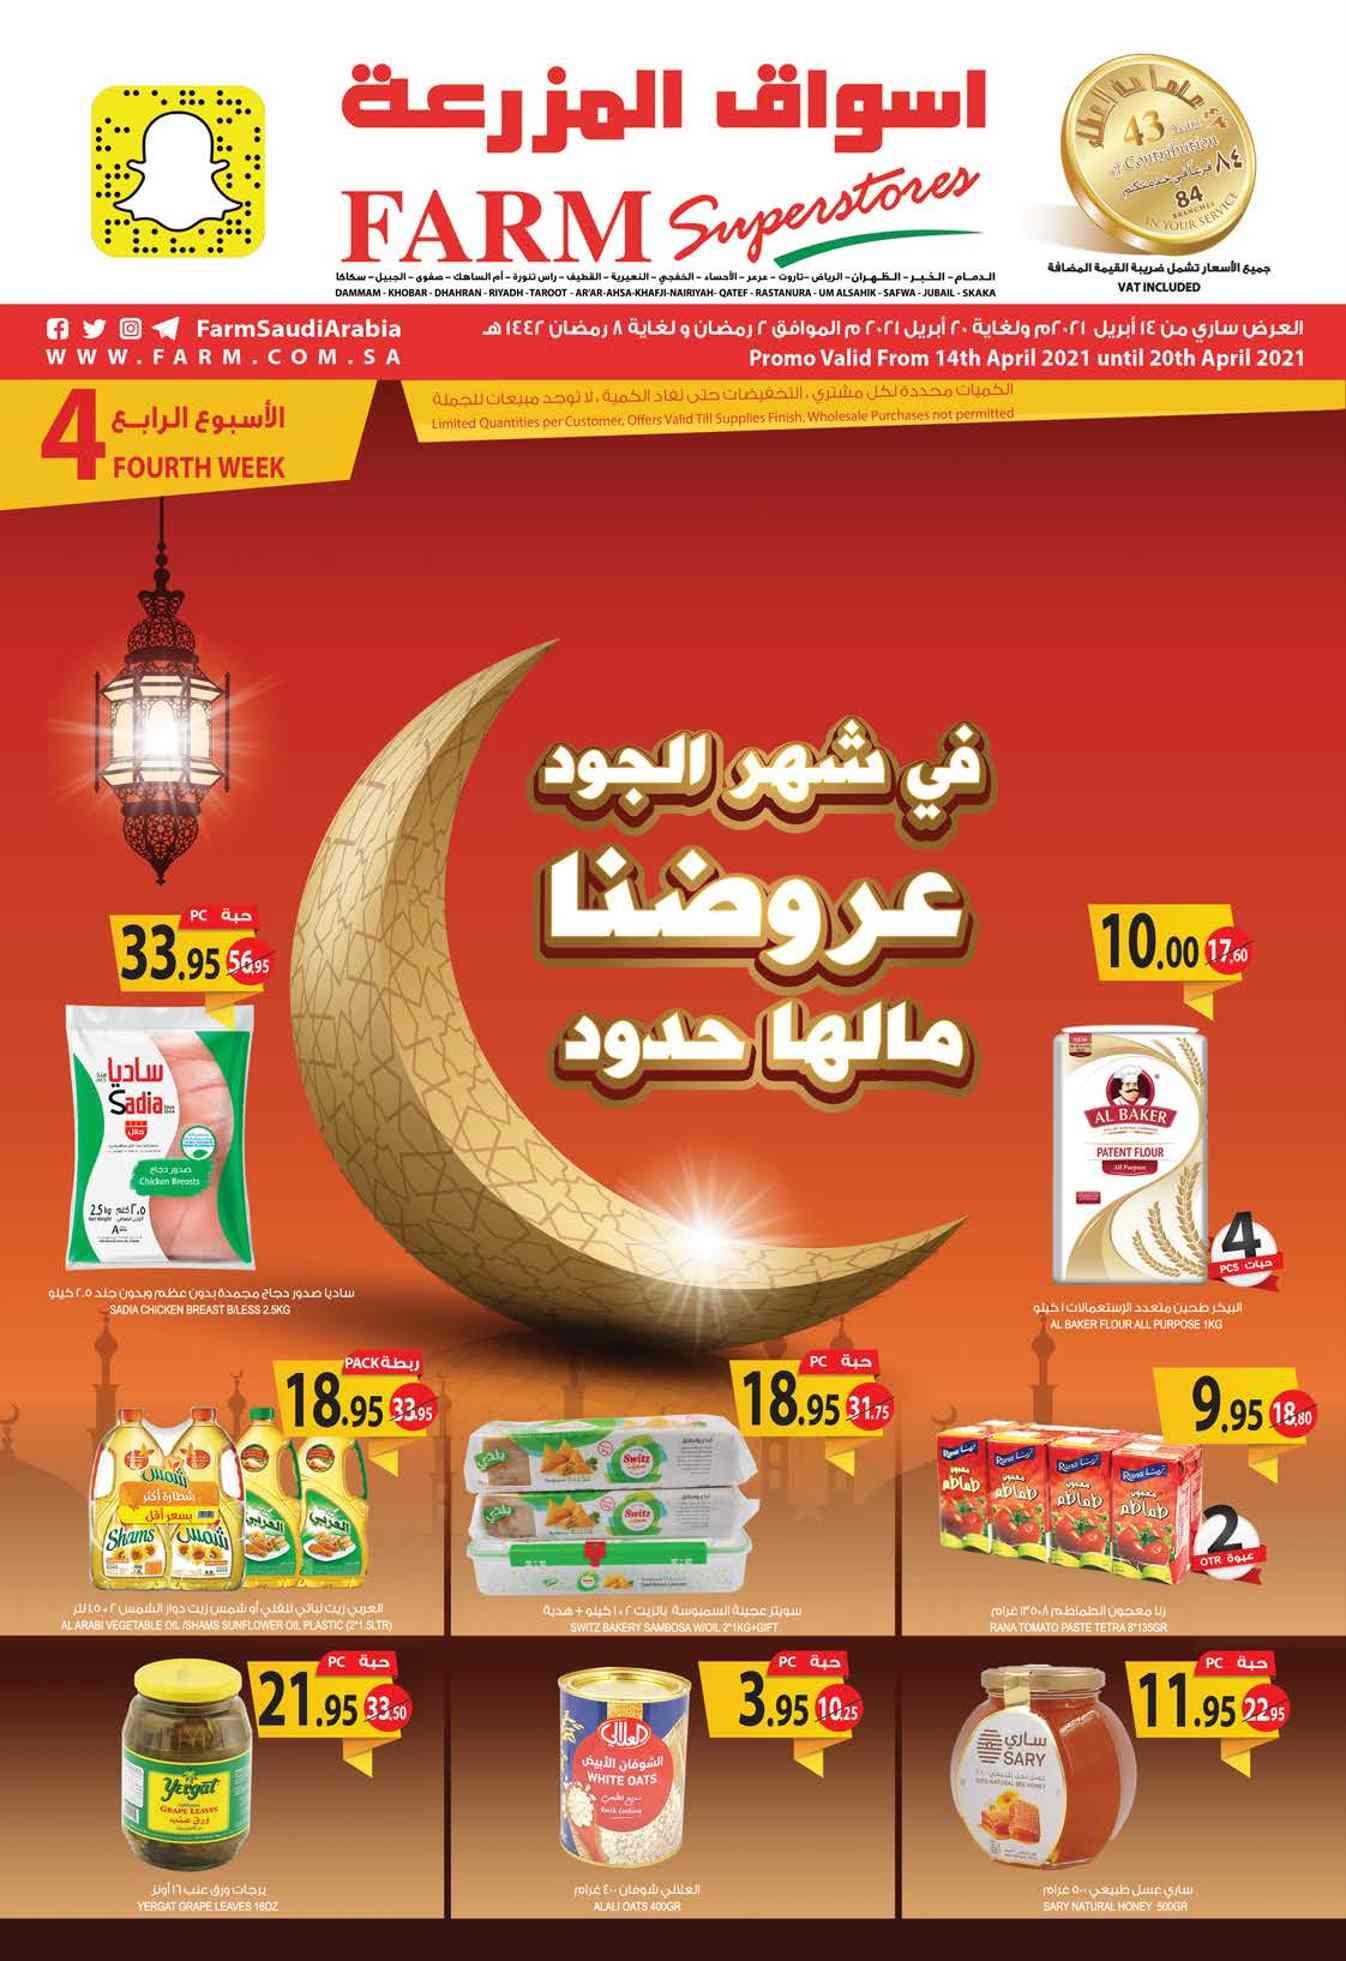 عروض المزرعة الرياض و الخرج من 14 ابريل حتى 20 ابريل 2021 عروض رمضان